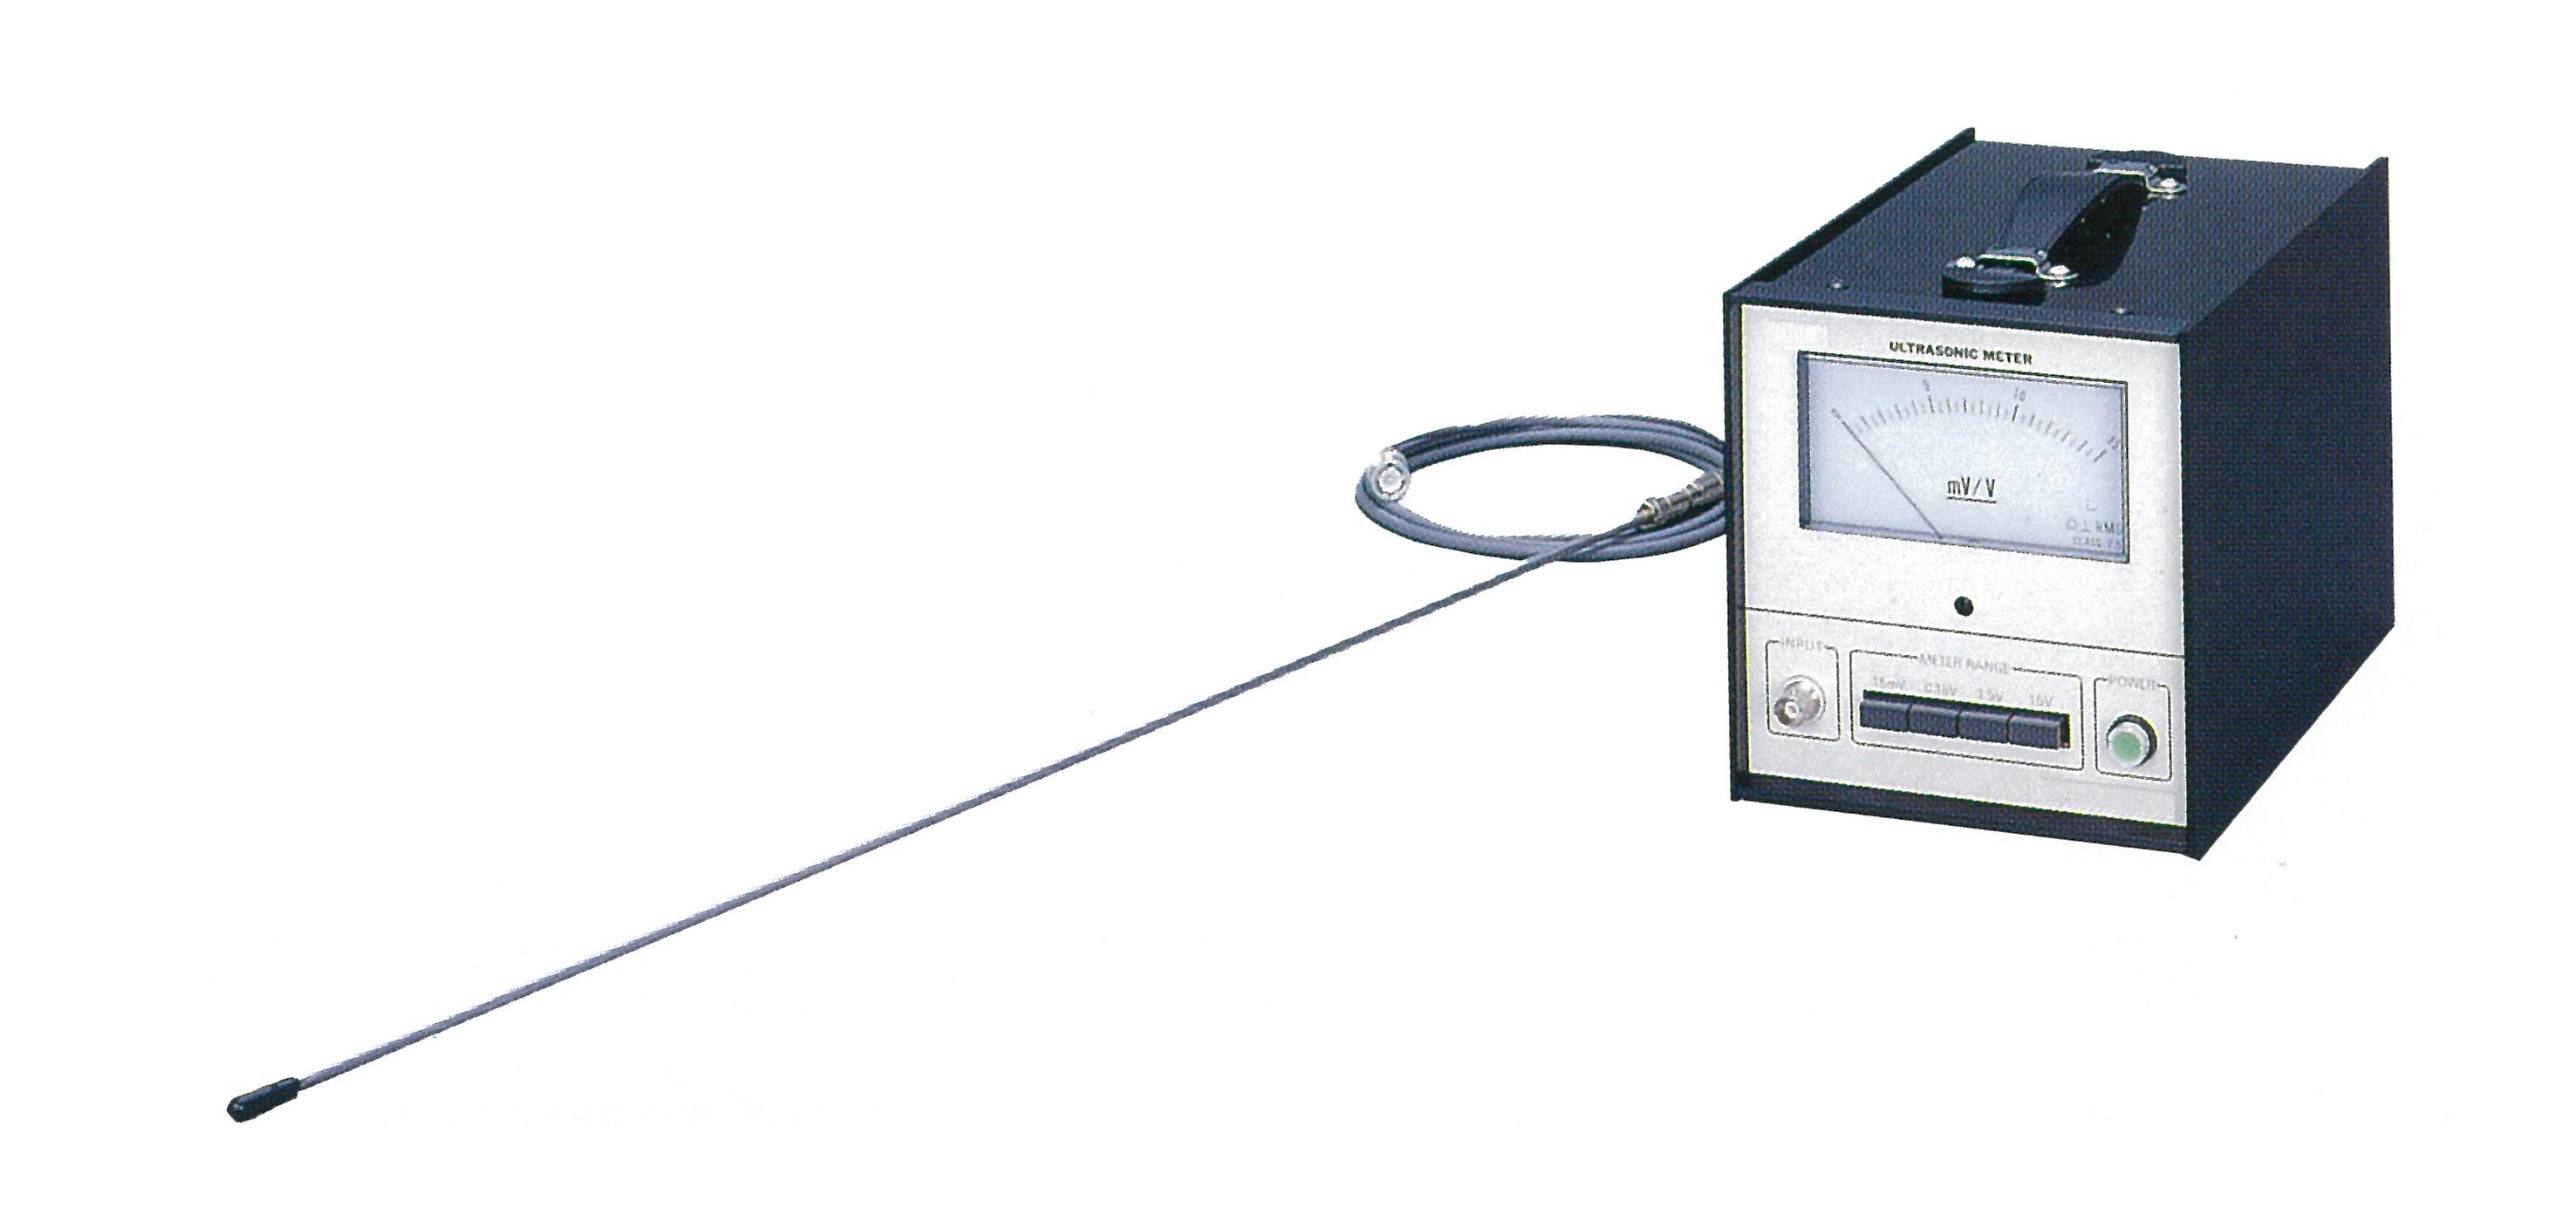 【展示室】展示機器の紹介 超音波音圧計 超音波メーター1501型